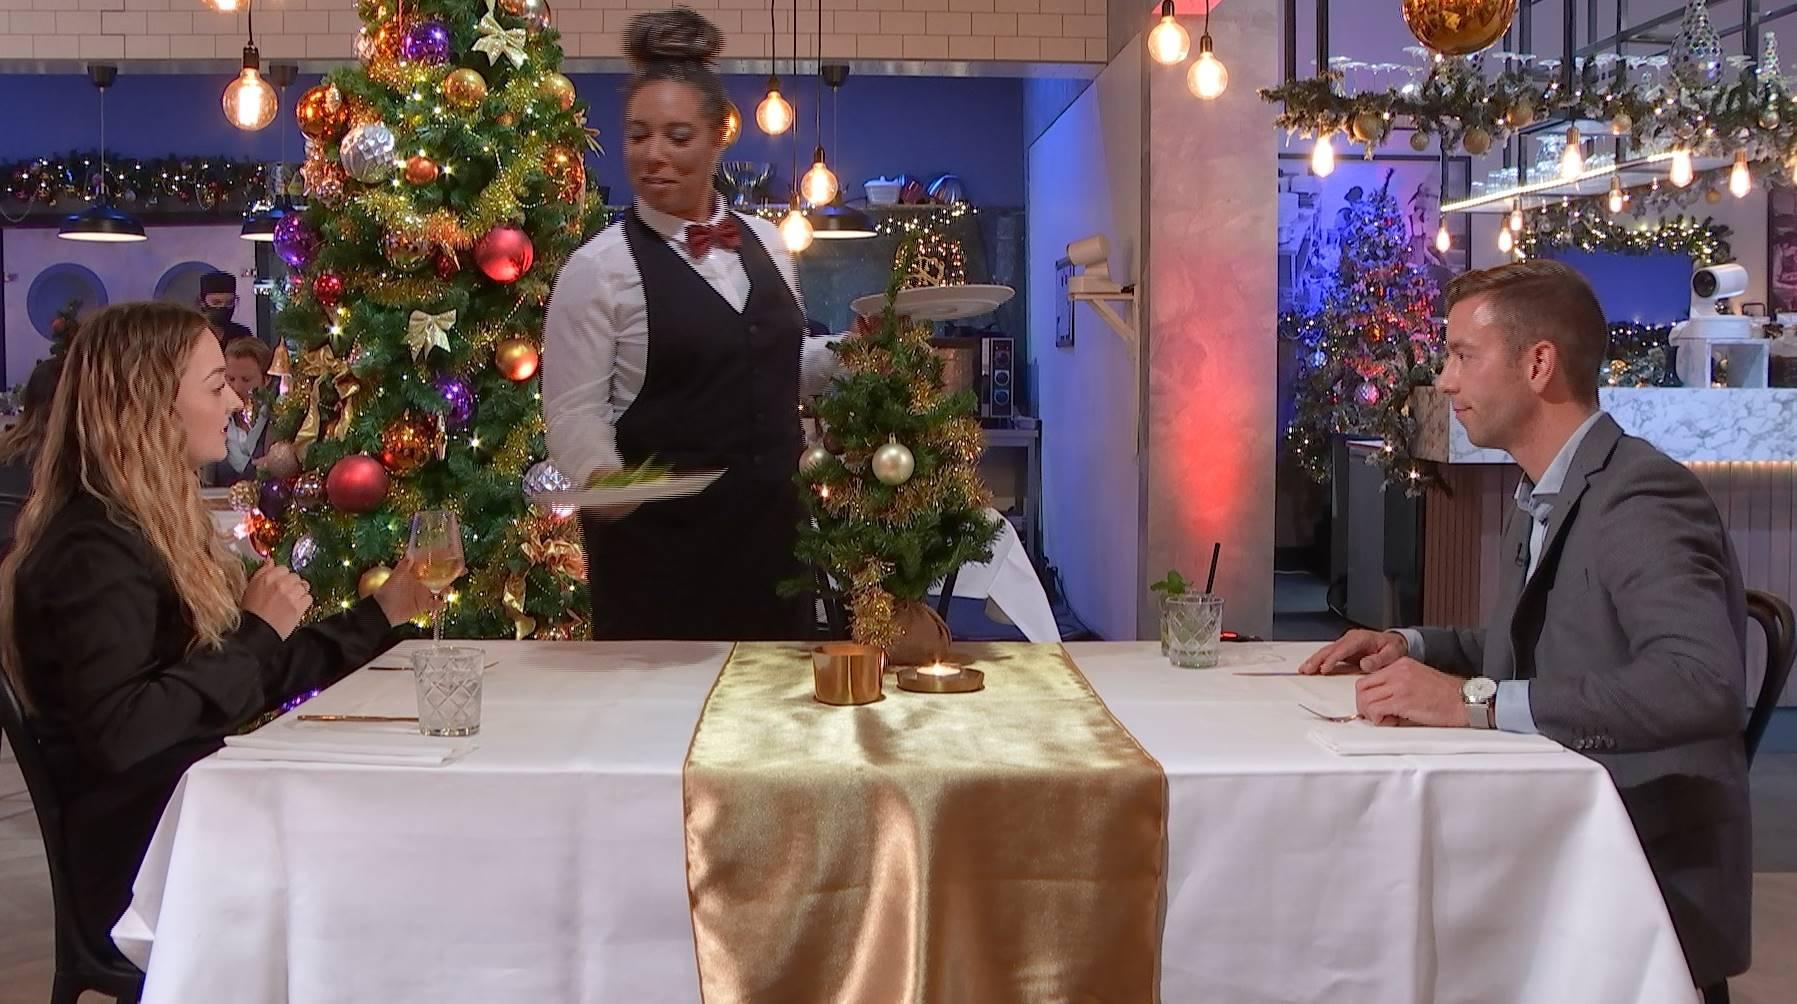 First Dates komt met kerstspecials